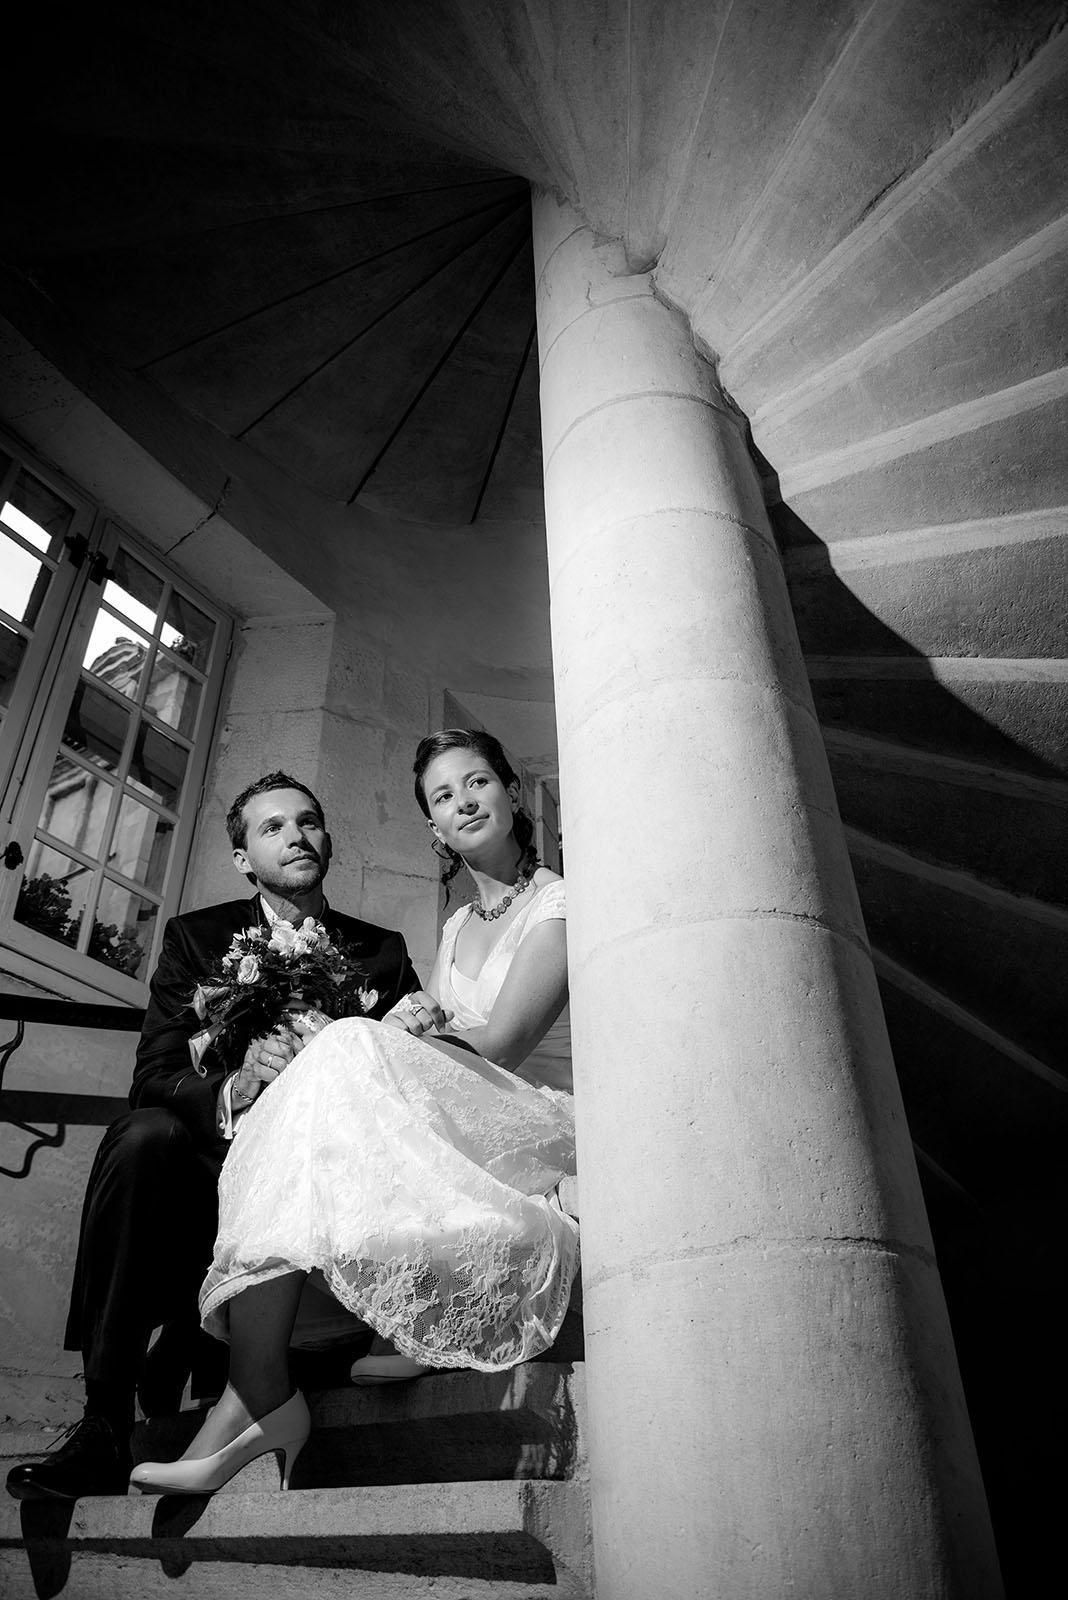 Mariage – Séance photos de couple dans l'escalier